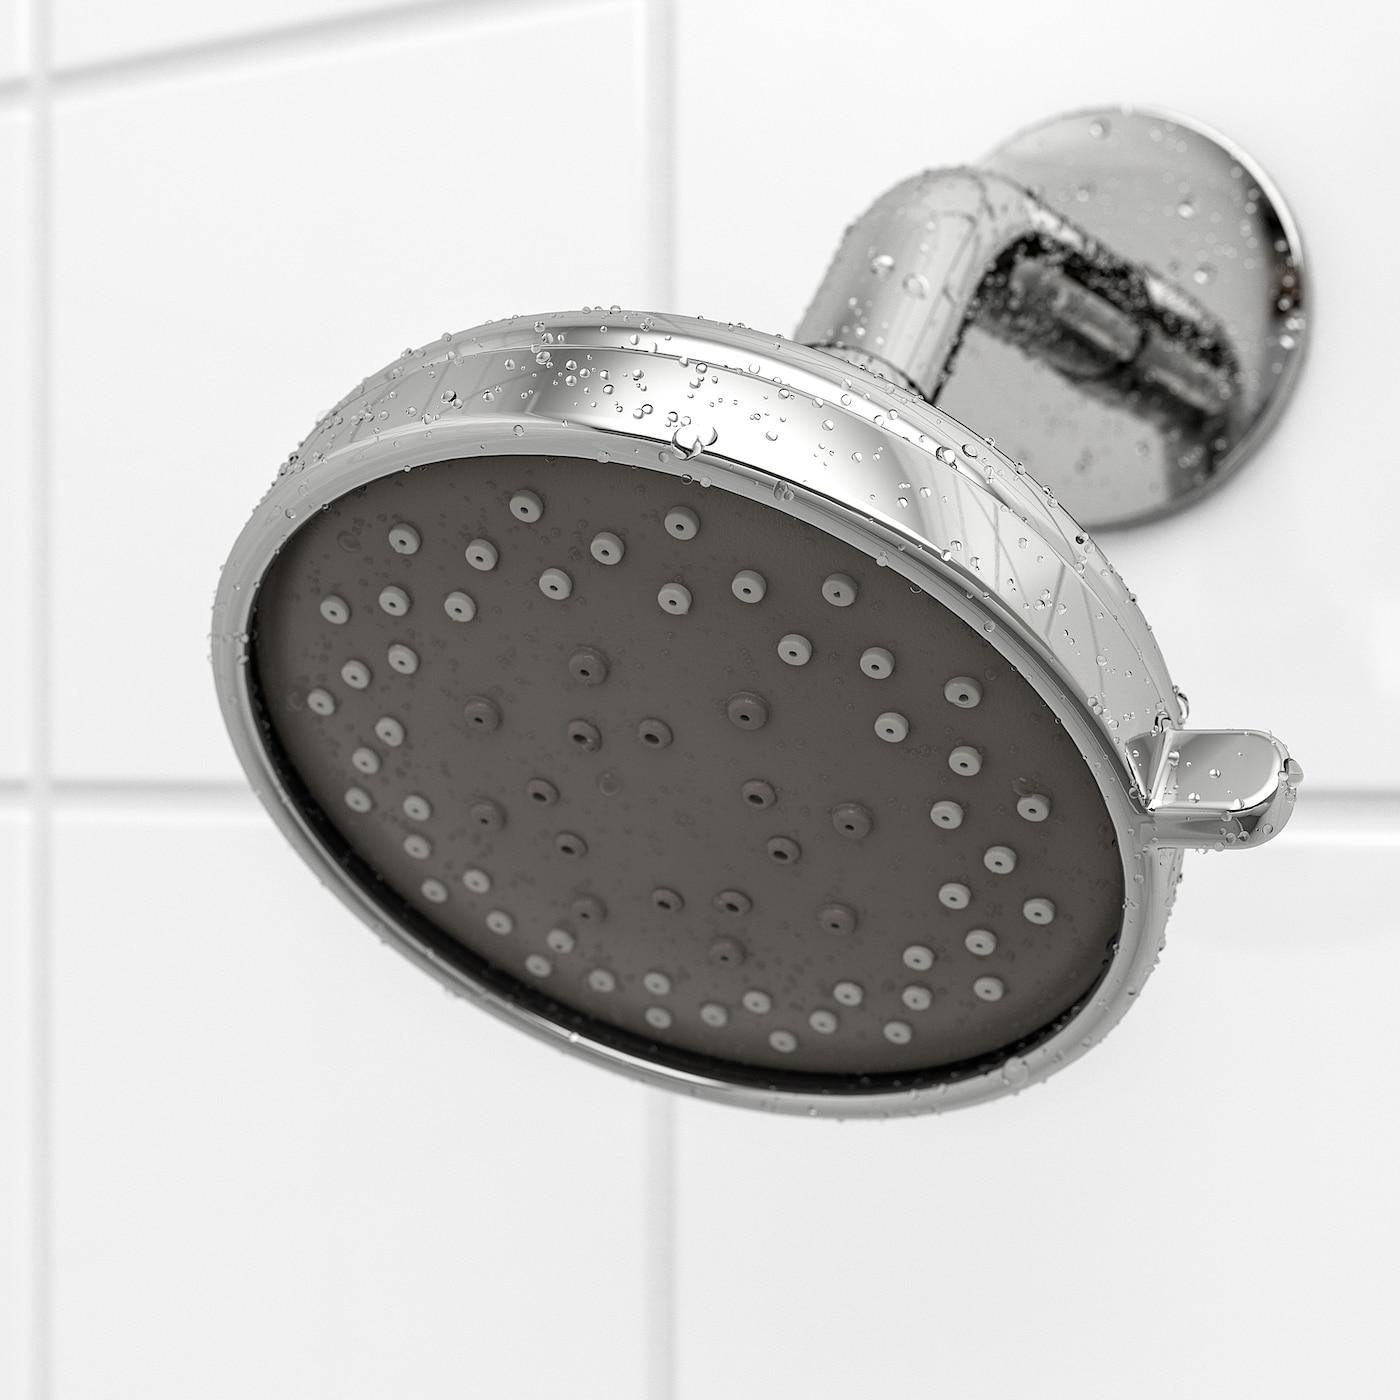 VOXNAN 5-spray shower head, chrome plated